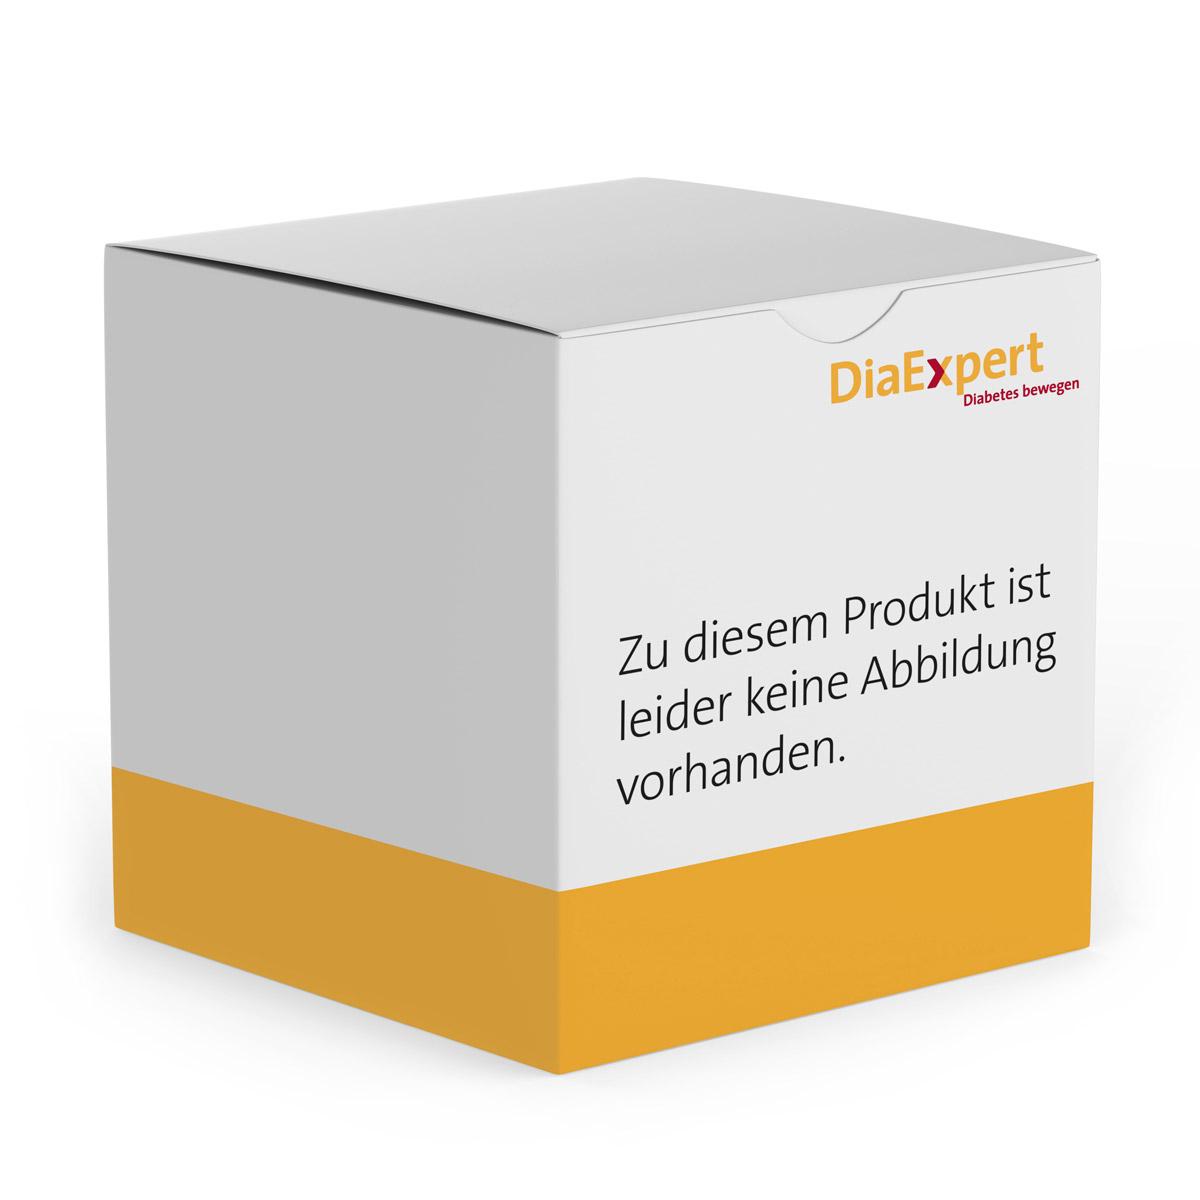 SPIbelt Bauchgurt für alle MiniMed Insulinpumpen und CGM-Monitore